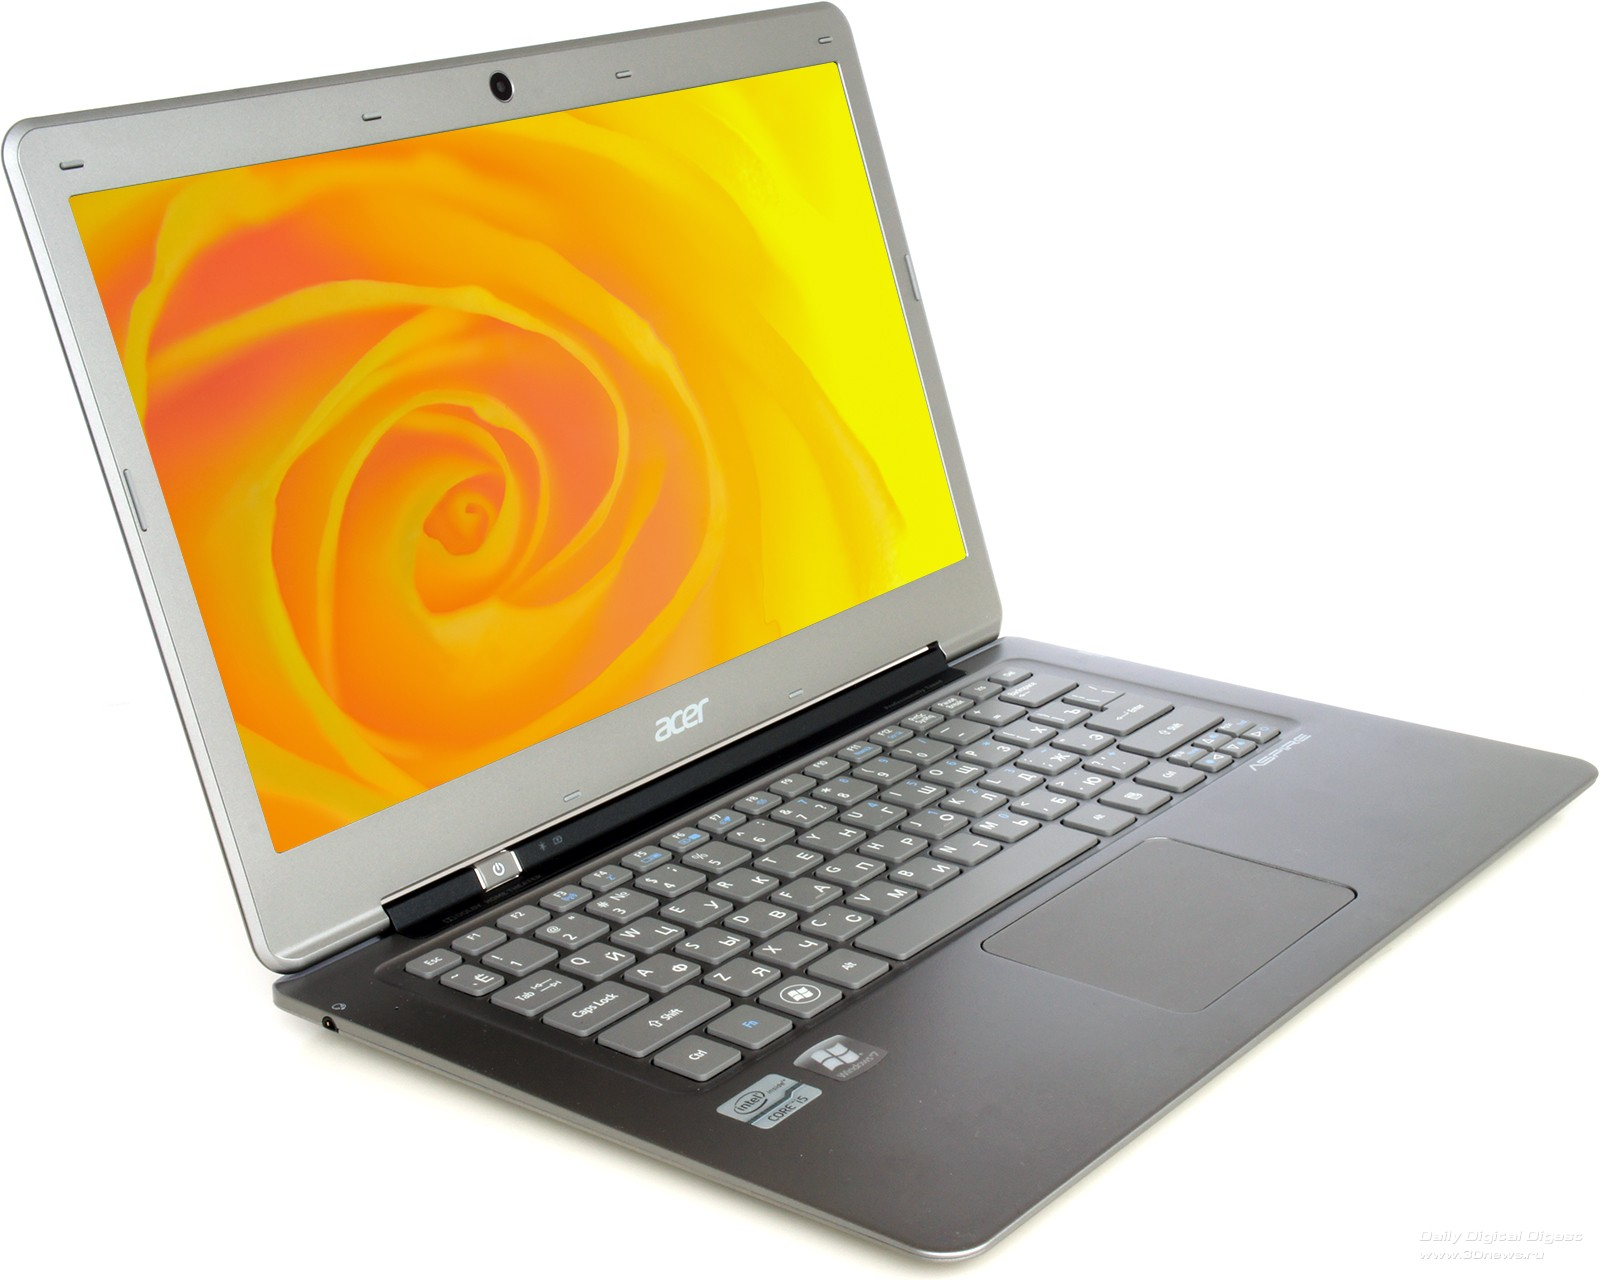 Acer Aspire S3-951 Atheros WLAN Windows Vista 32-BIT